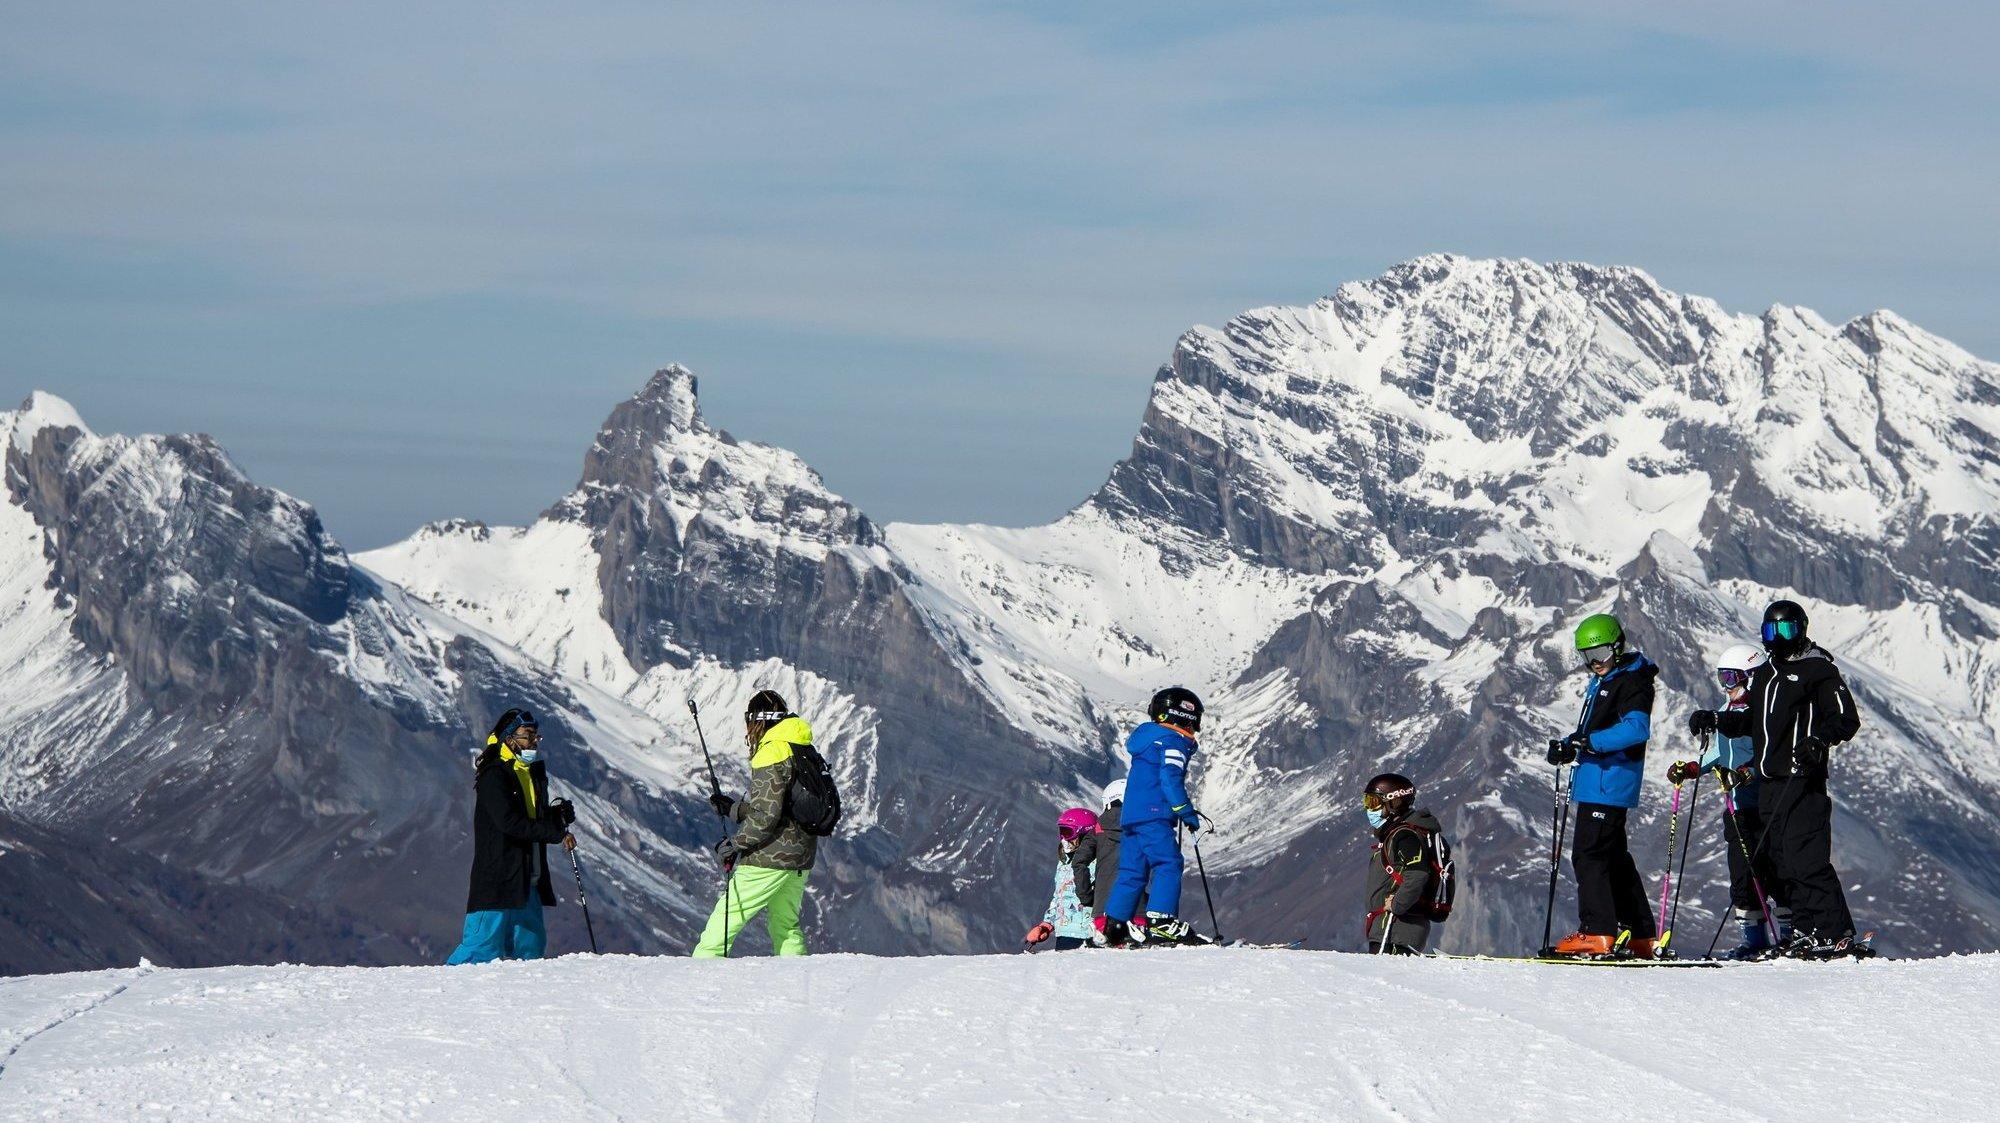 Les camps de ski ne seront accessibles qu'aux élèves des lycées et écoles professionnelles qui peuvent prouver qu'ils ont été vaccinés contre le Covid-19 ou guéris (image d'illustration).